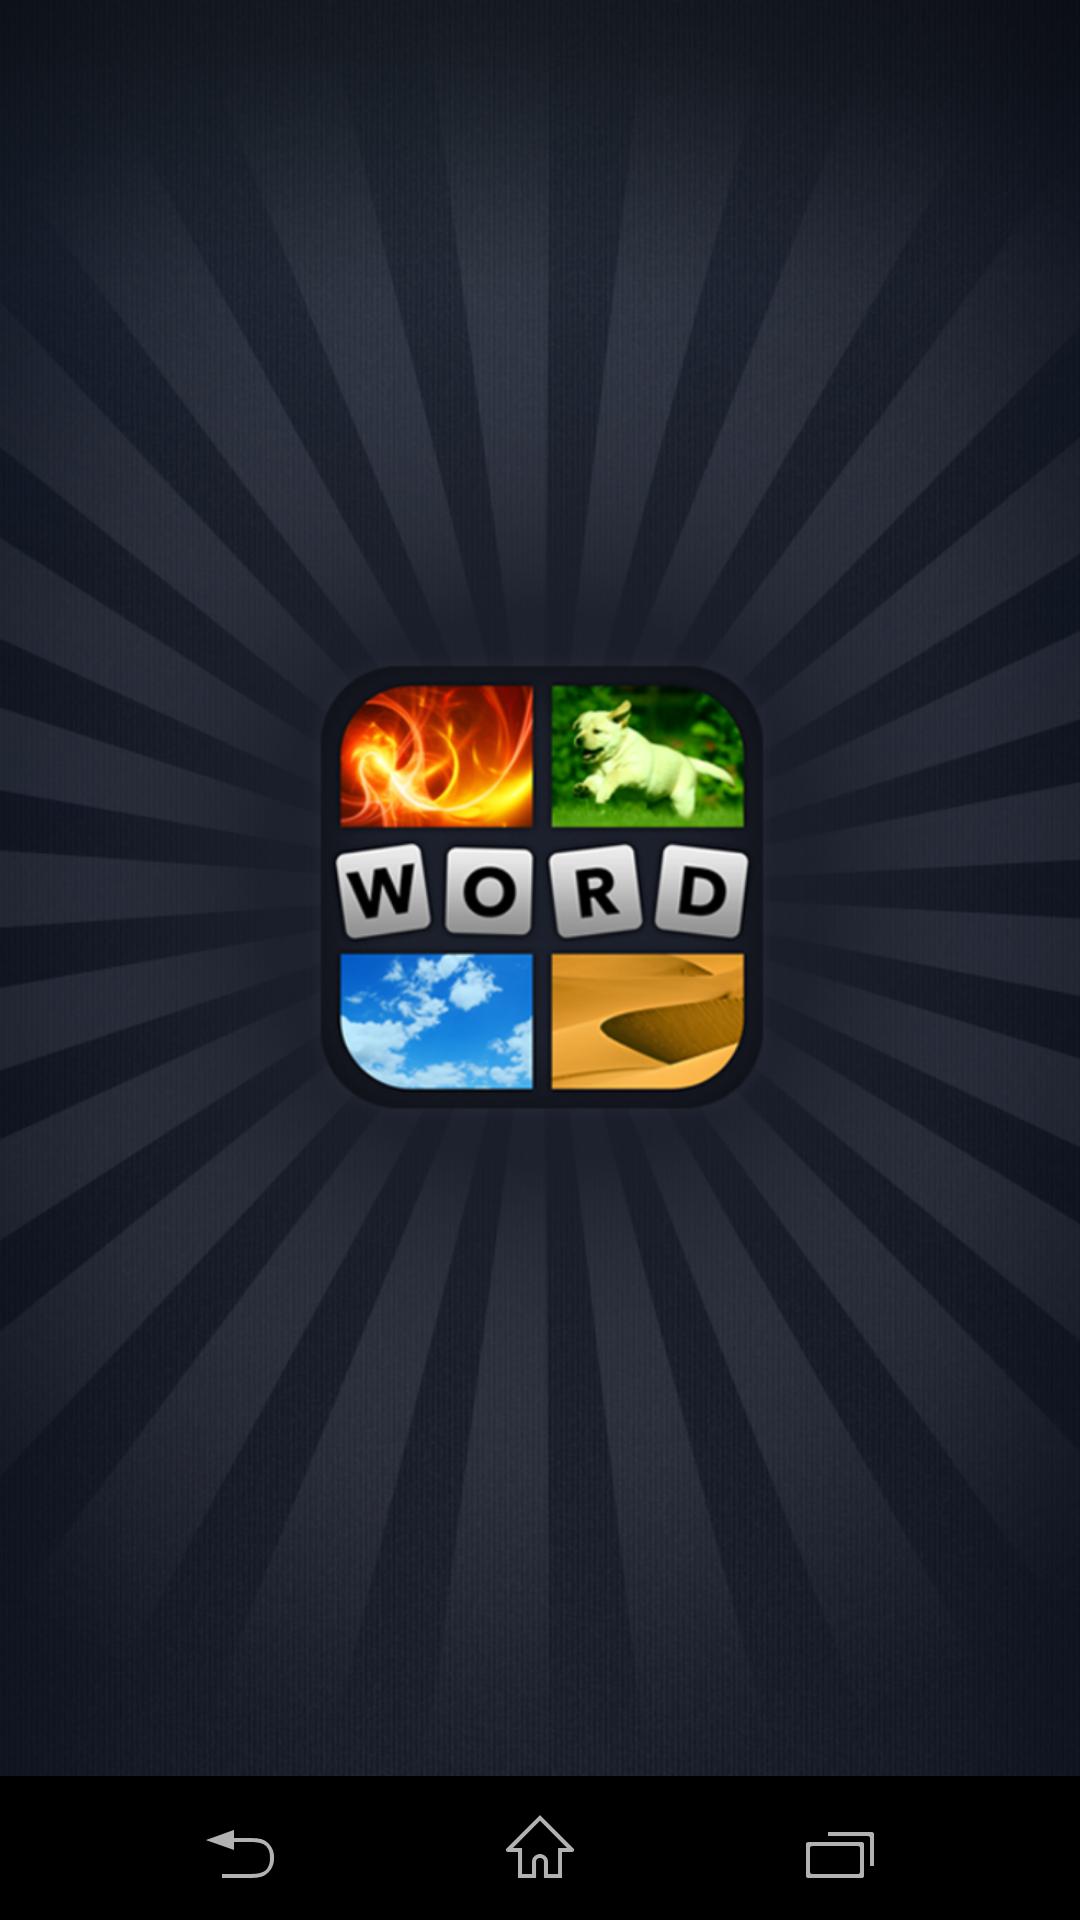 скачать четыре картинки одно слово на андроид